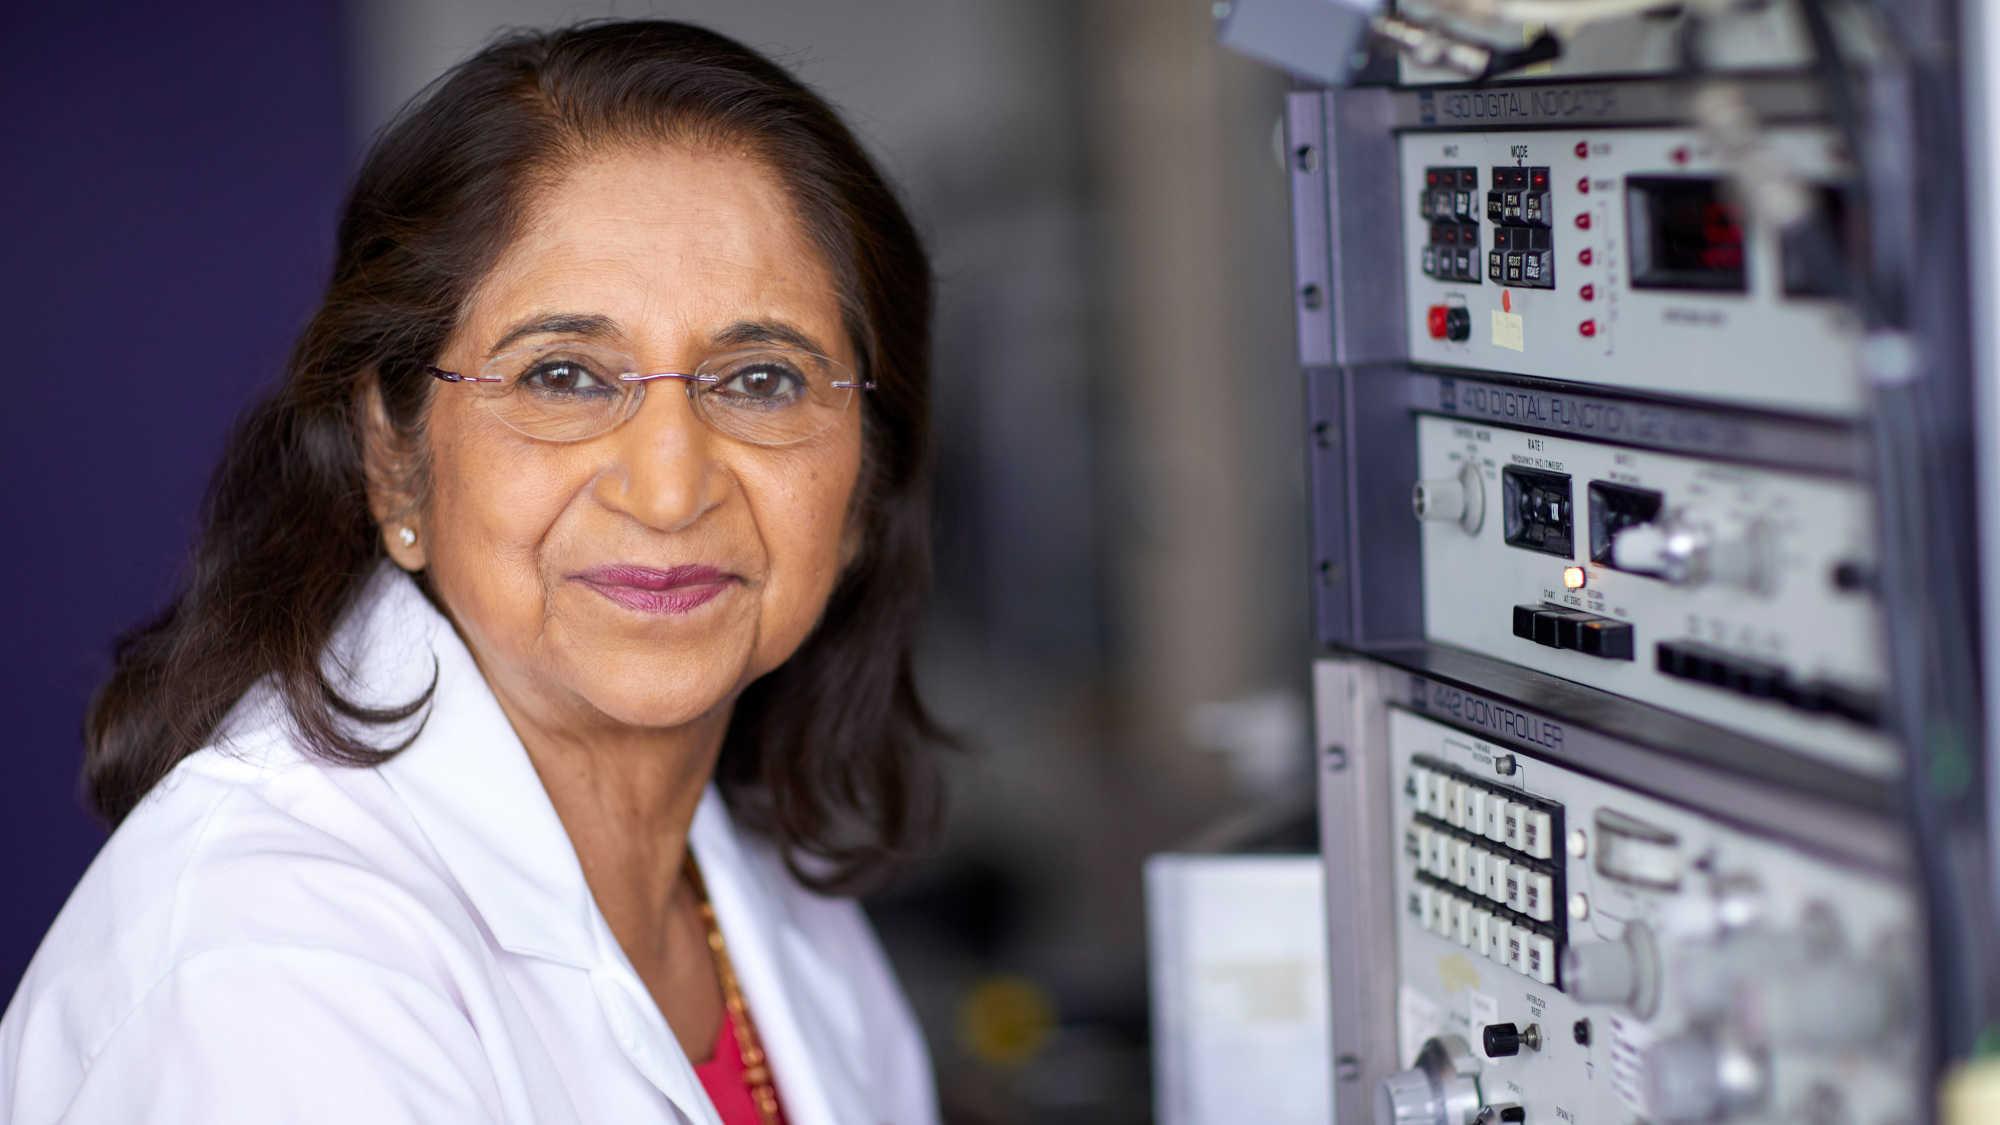 Mulheres na Odontologia: Conheça a premiada química e inventora Dra. Sumita Mitra